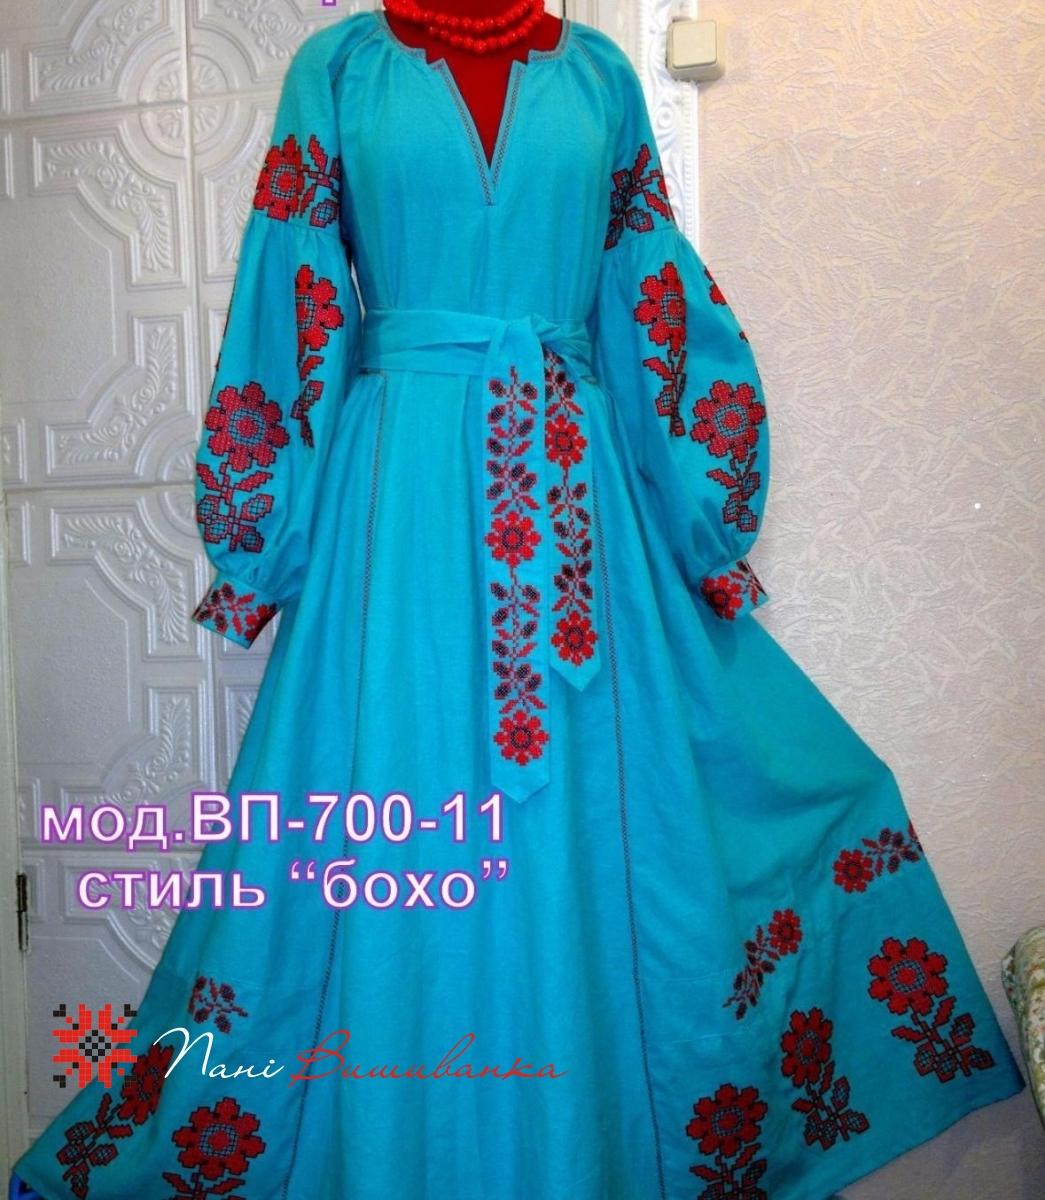 Плаття в стилі БОХО бірюза- червоне 008 db1b3429f1342